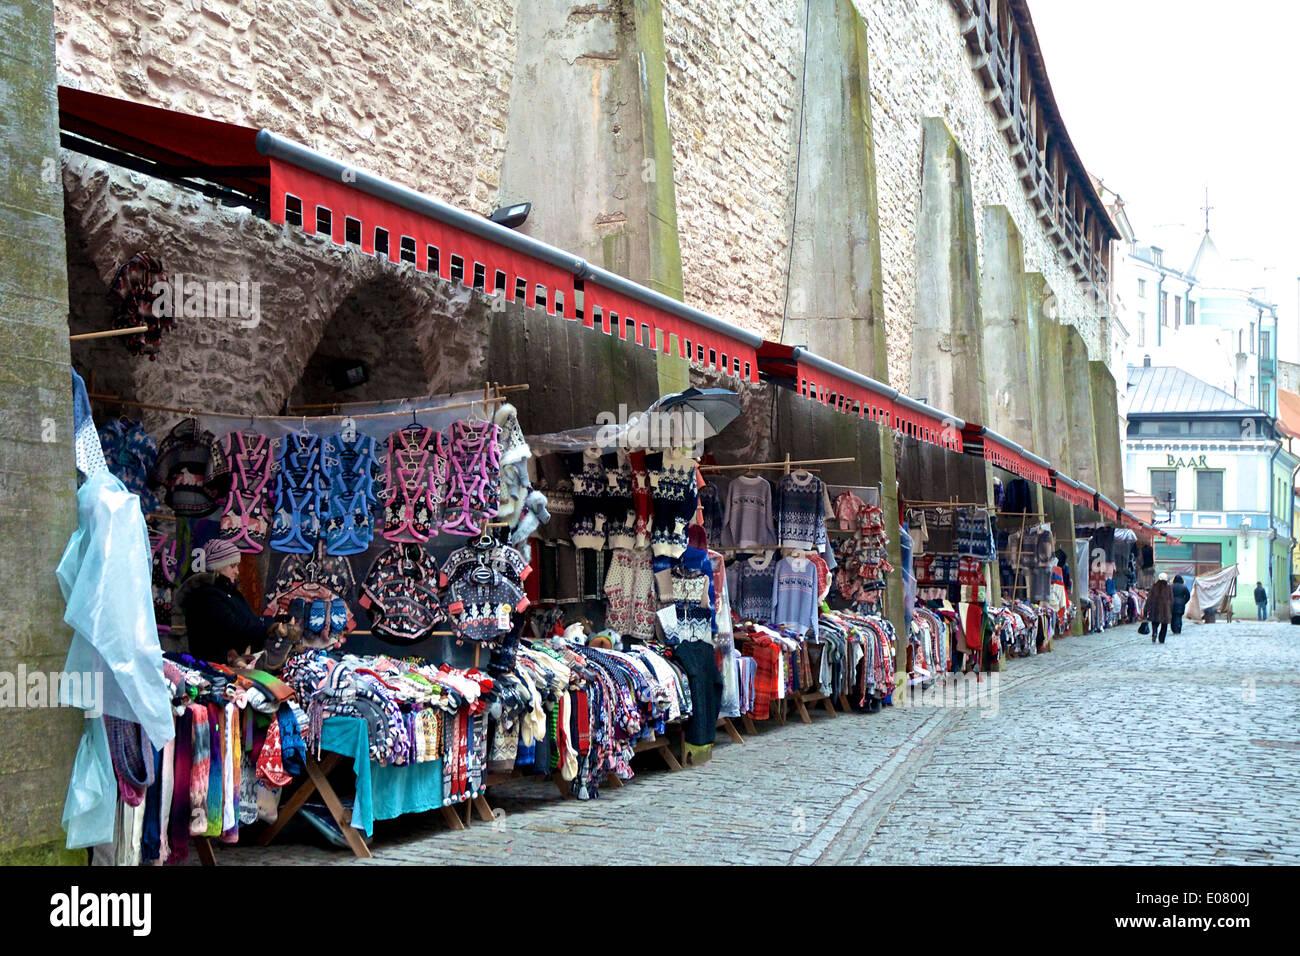 Tallinn market stalls - Stock Image